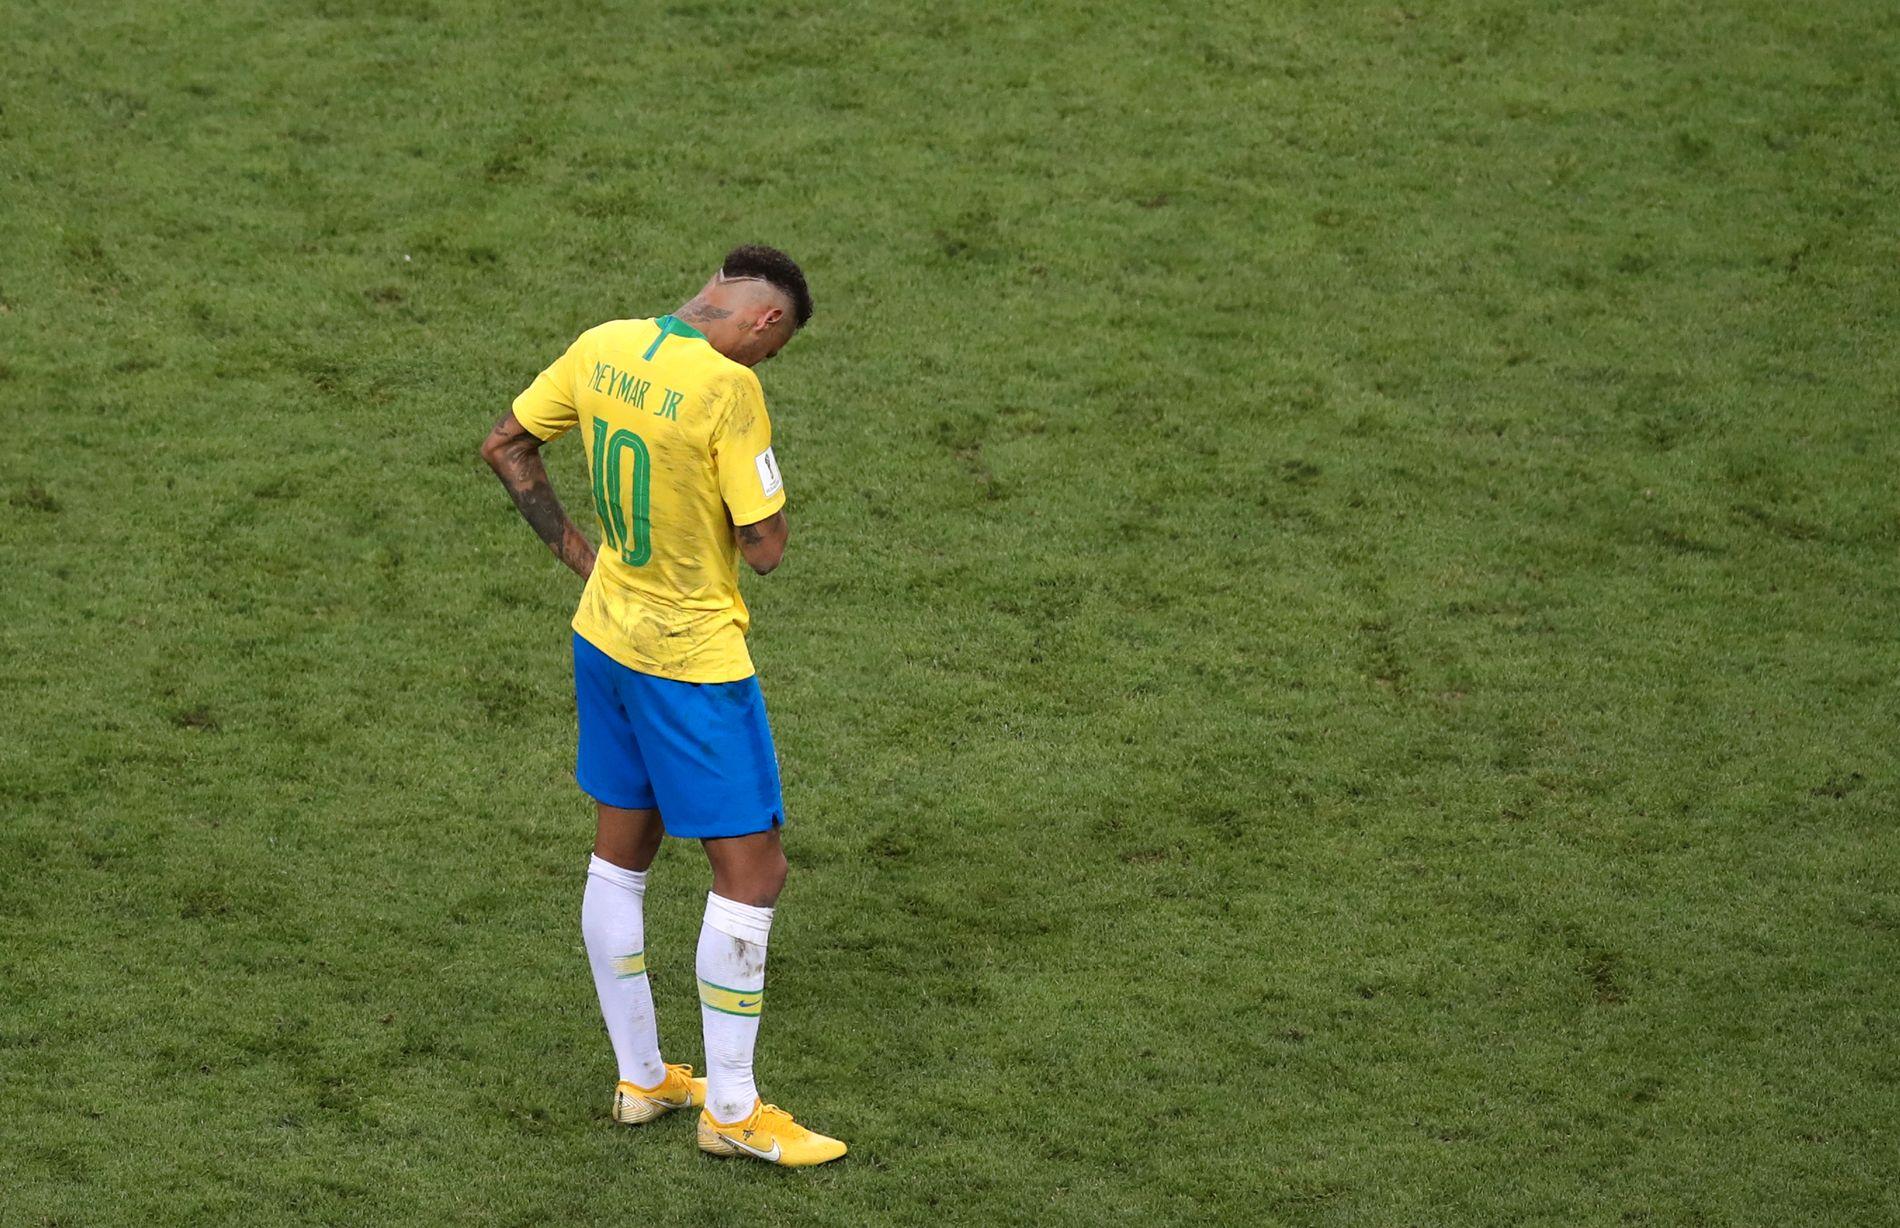 UT! Det gikk ikke denne gangen heller. 26 år gammel var Neymar i nærheten av toppen av karrieren, men en skadeplaget vårsesong kan selvsagt ha preget ham.